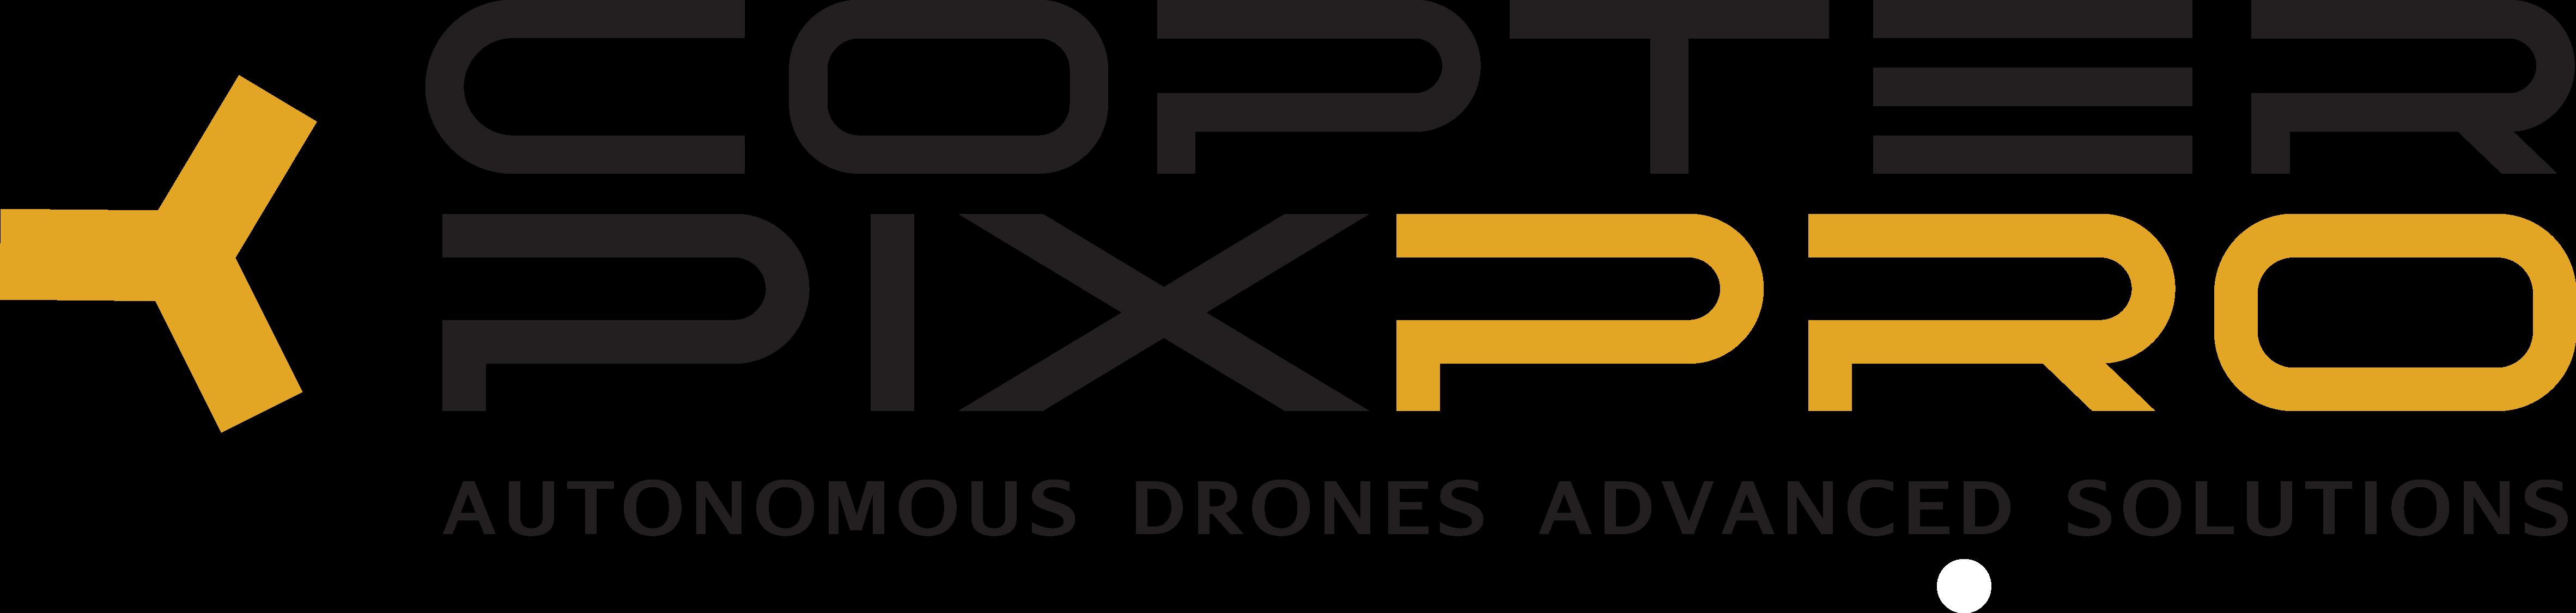 CopterPIX Autonomous Drones